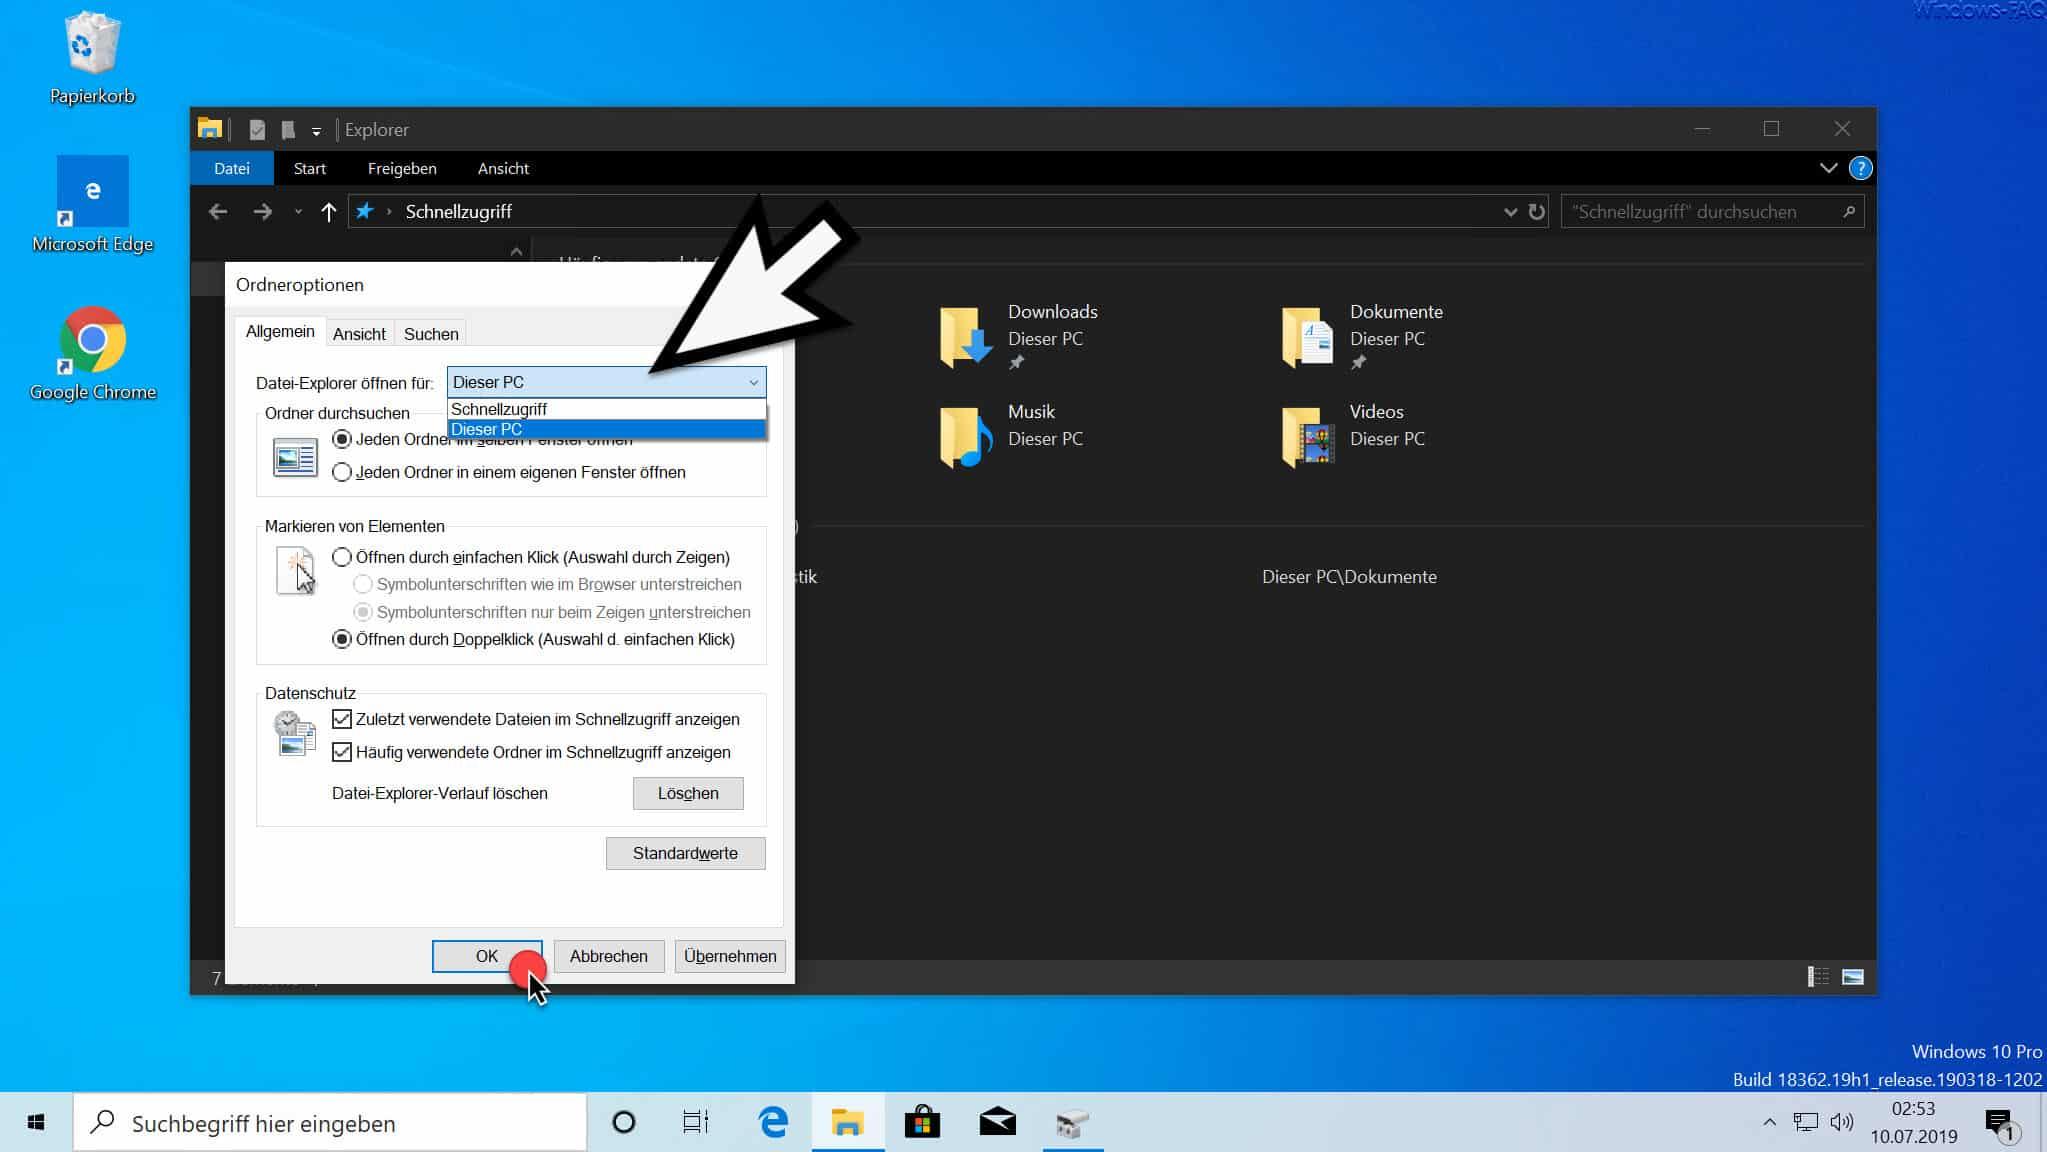 Datei Explorer öffnen für